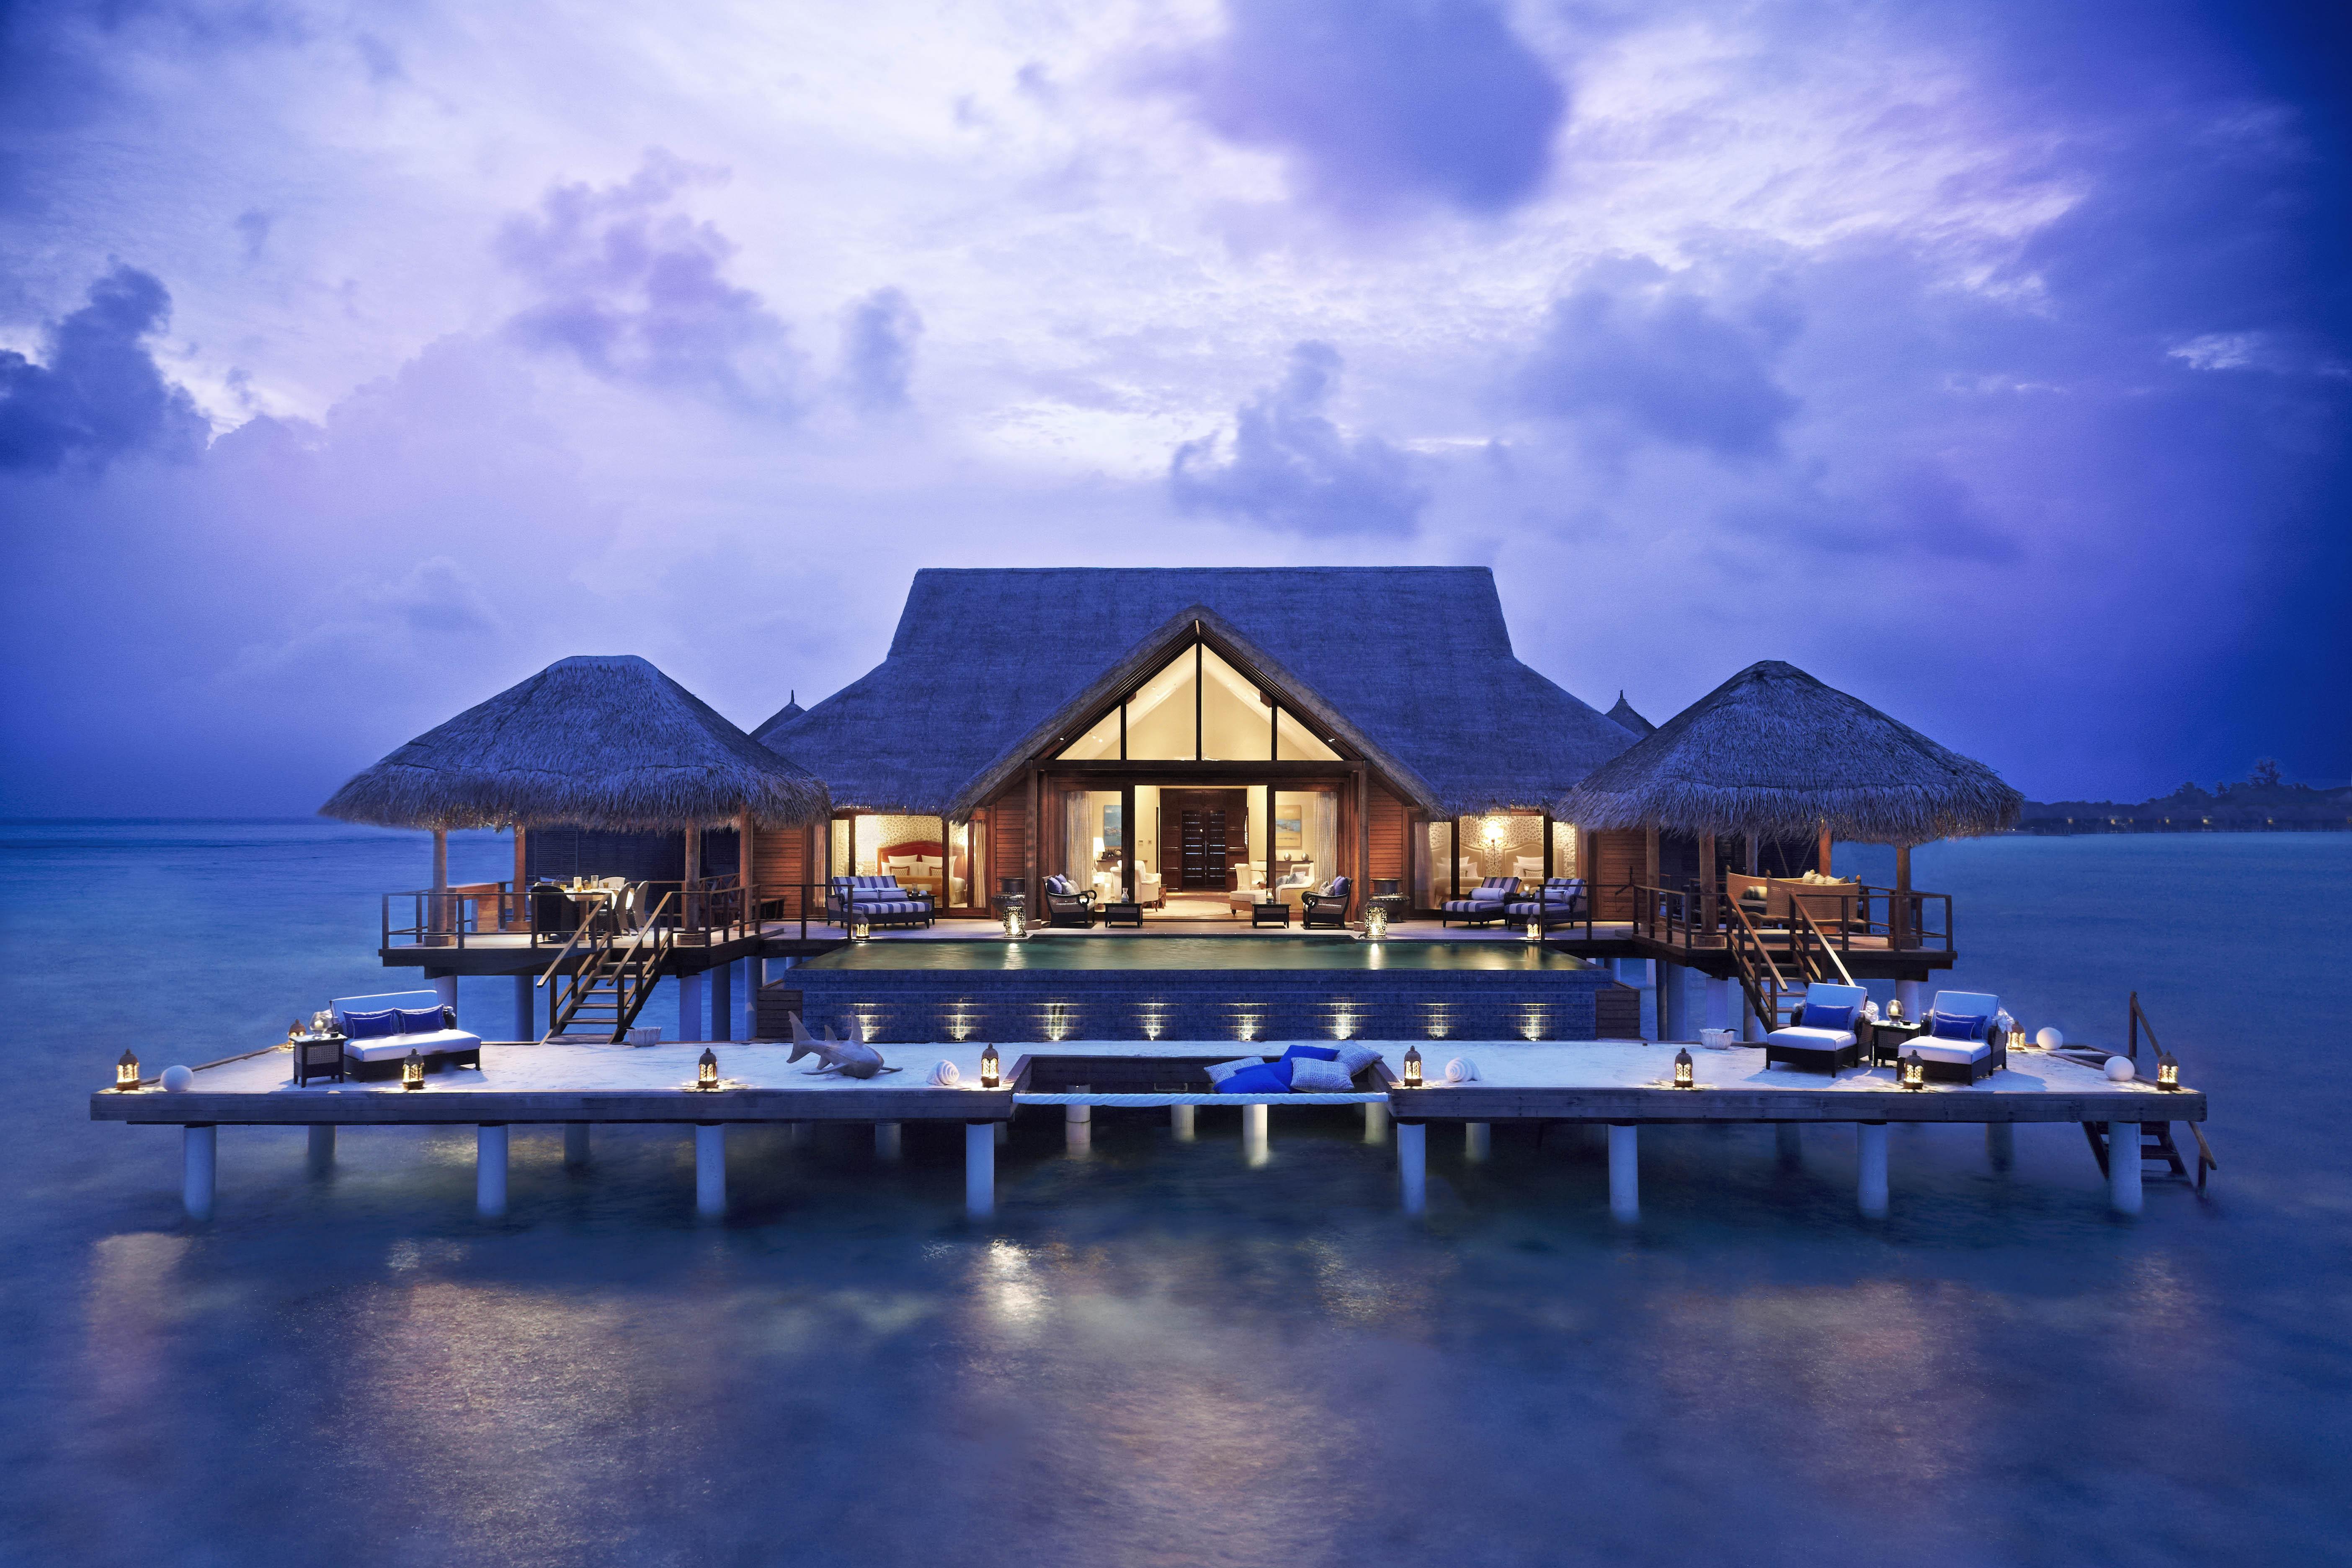 Мальдивы номера отеля отдых The Maldives the rooms the rest  № 334039 бесплатно